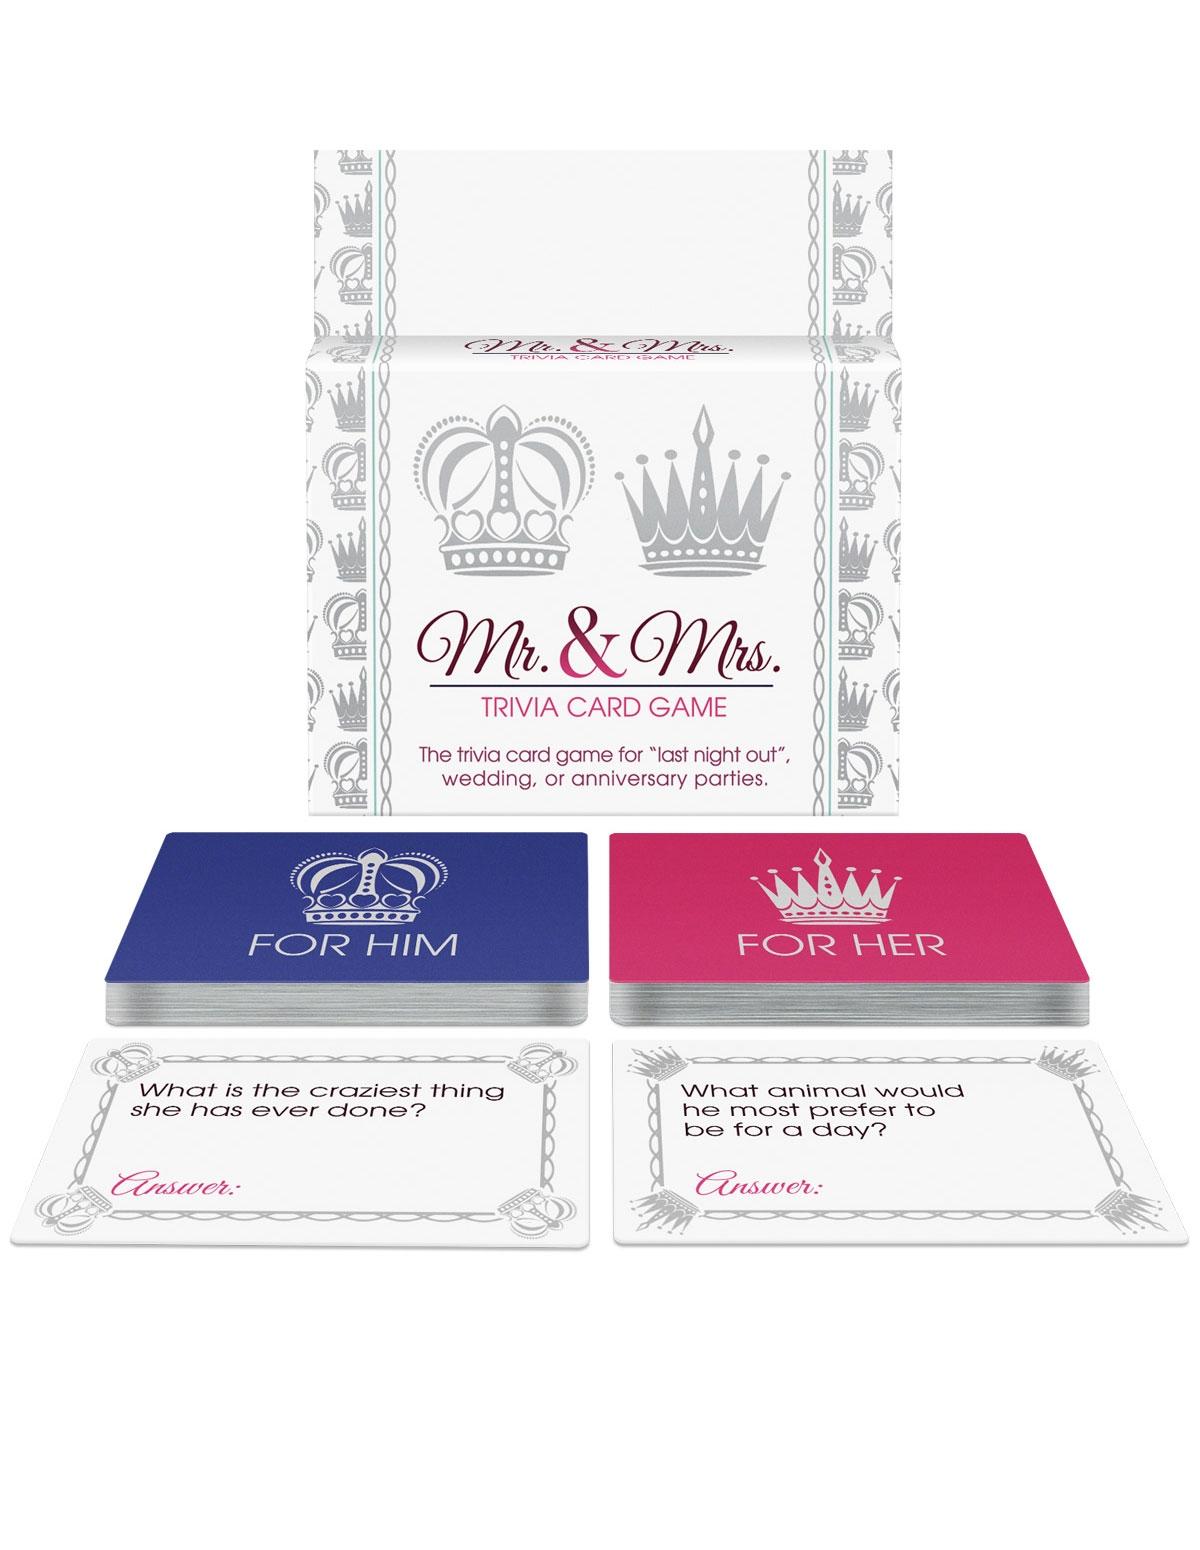 Mr & Mrs Trivia Card Game